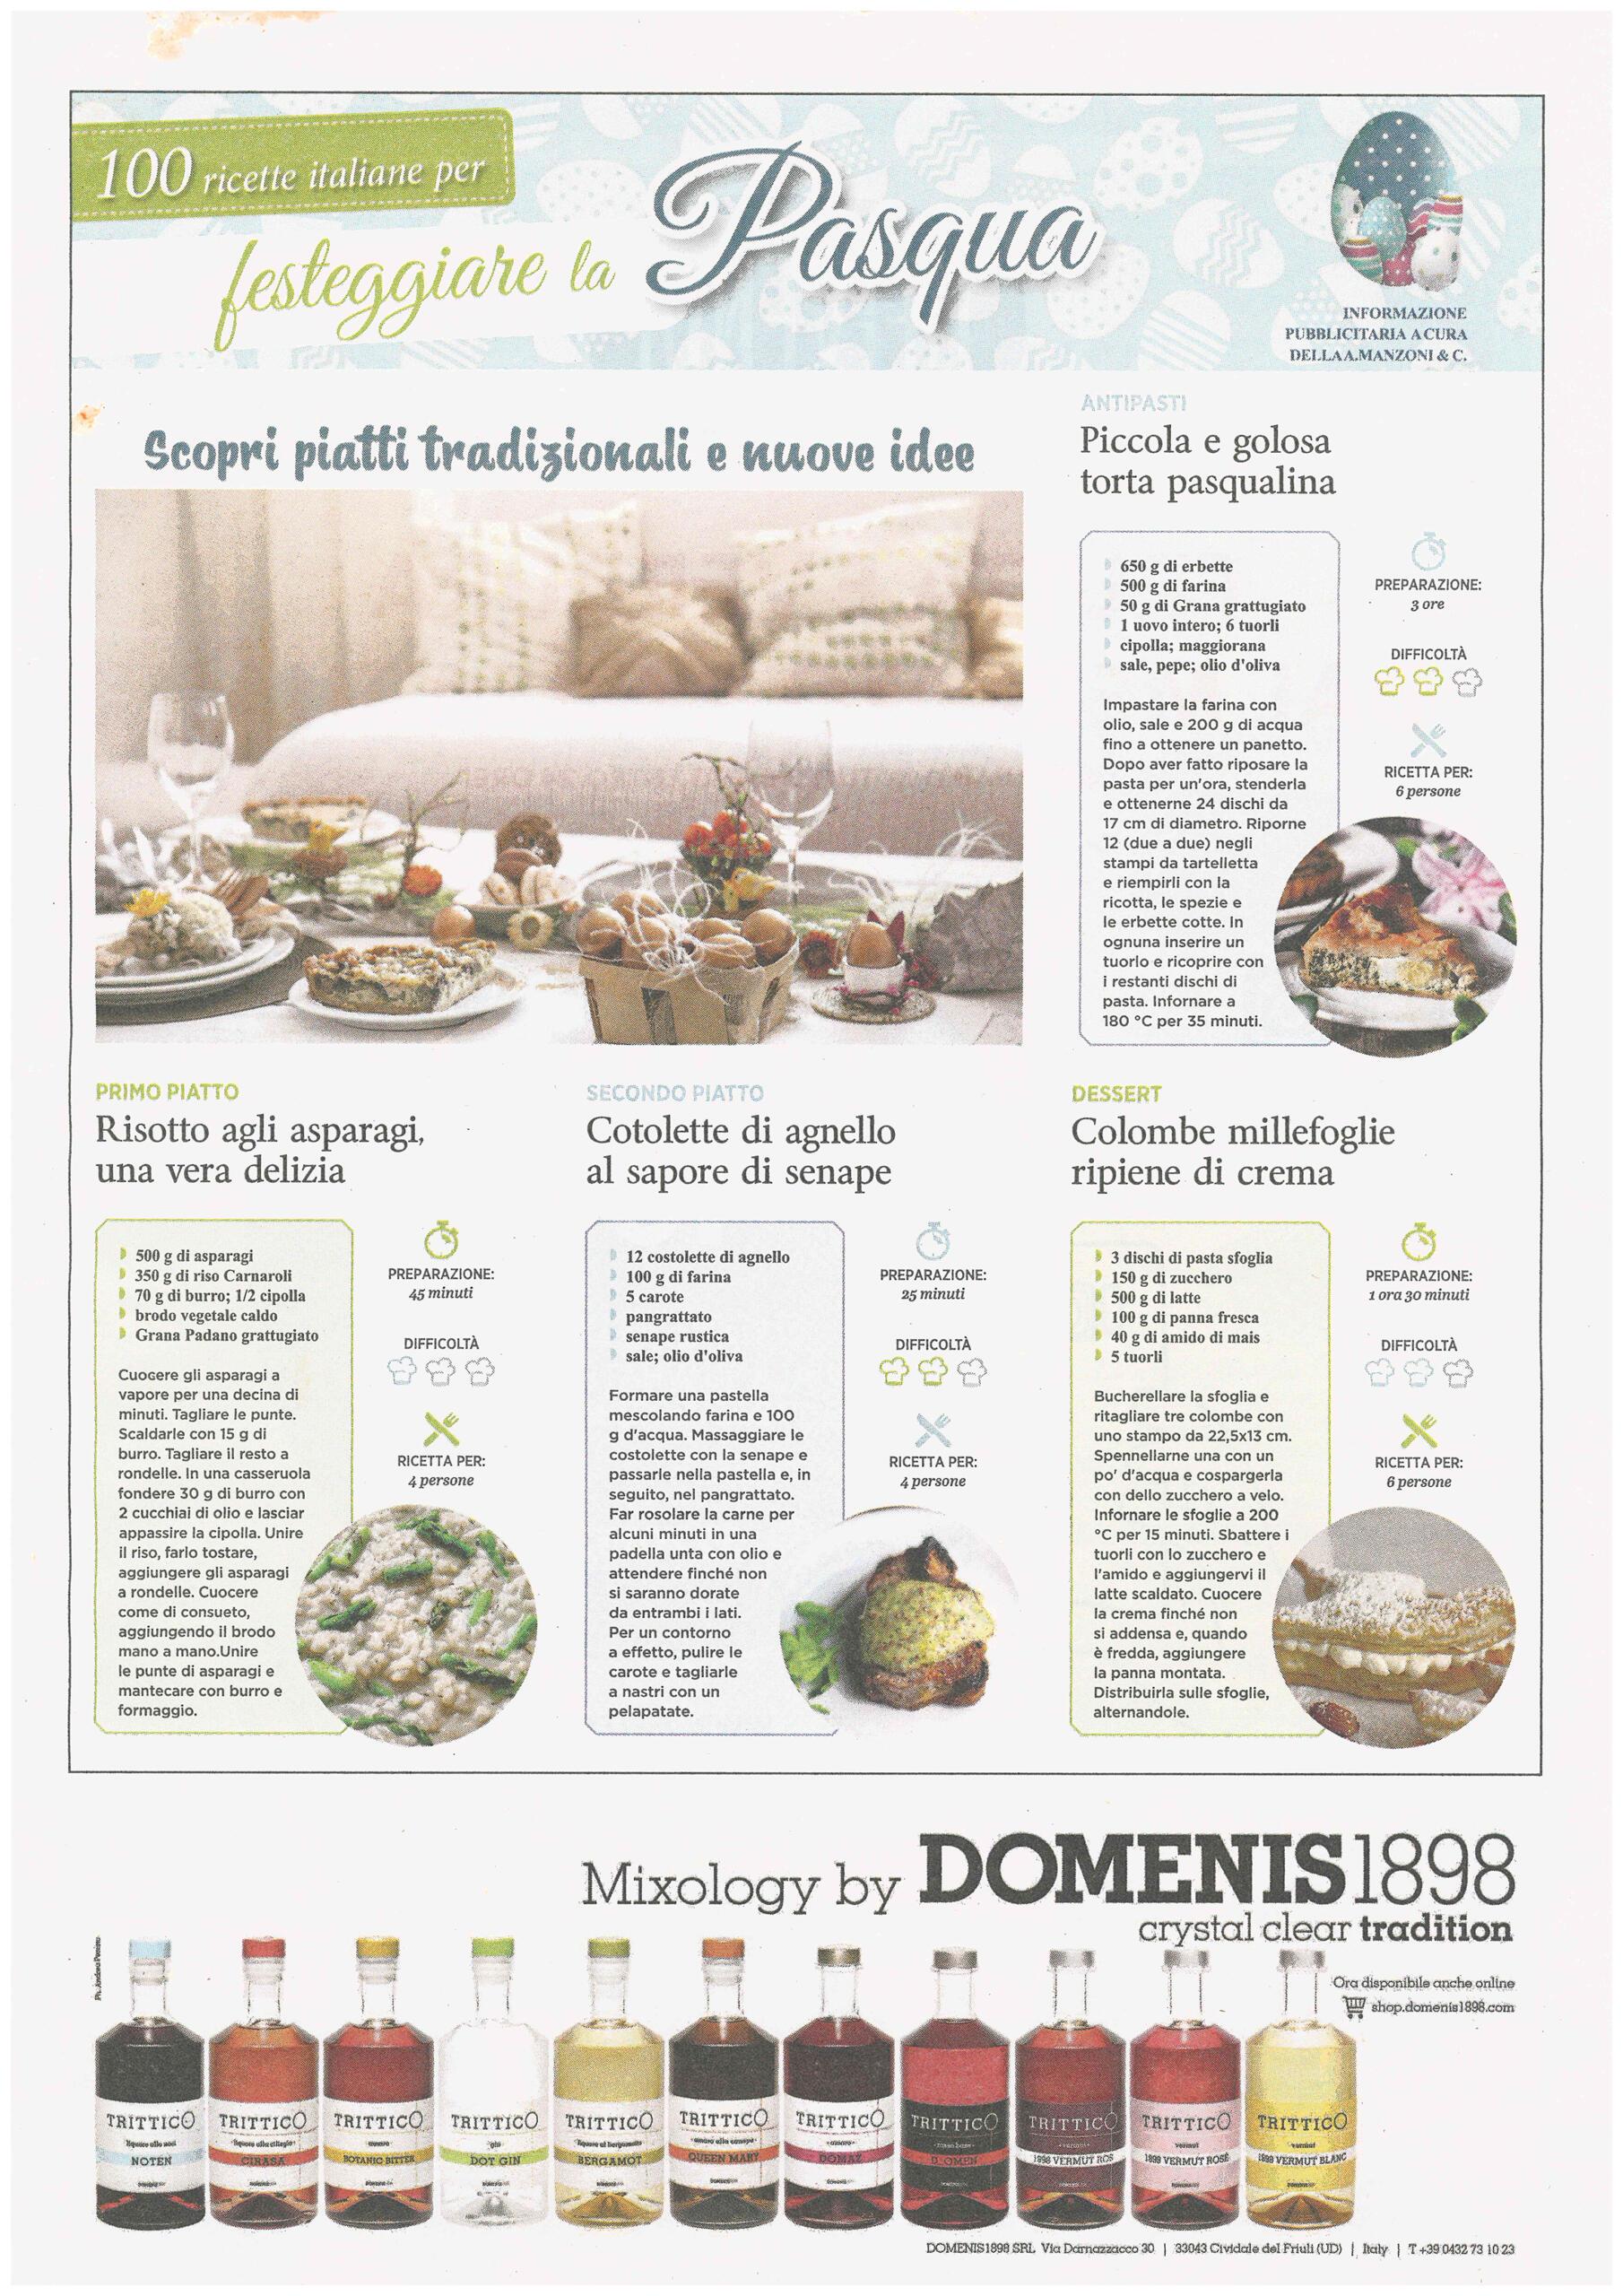 2021 marzo 30: Messaggero Veneto – 100 Ricette italiane per festeggiare la Pasqua